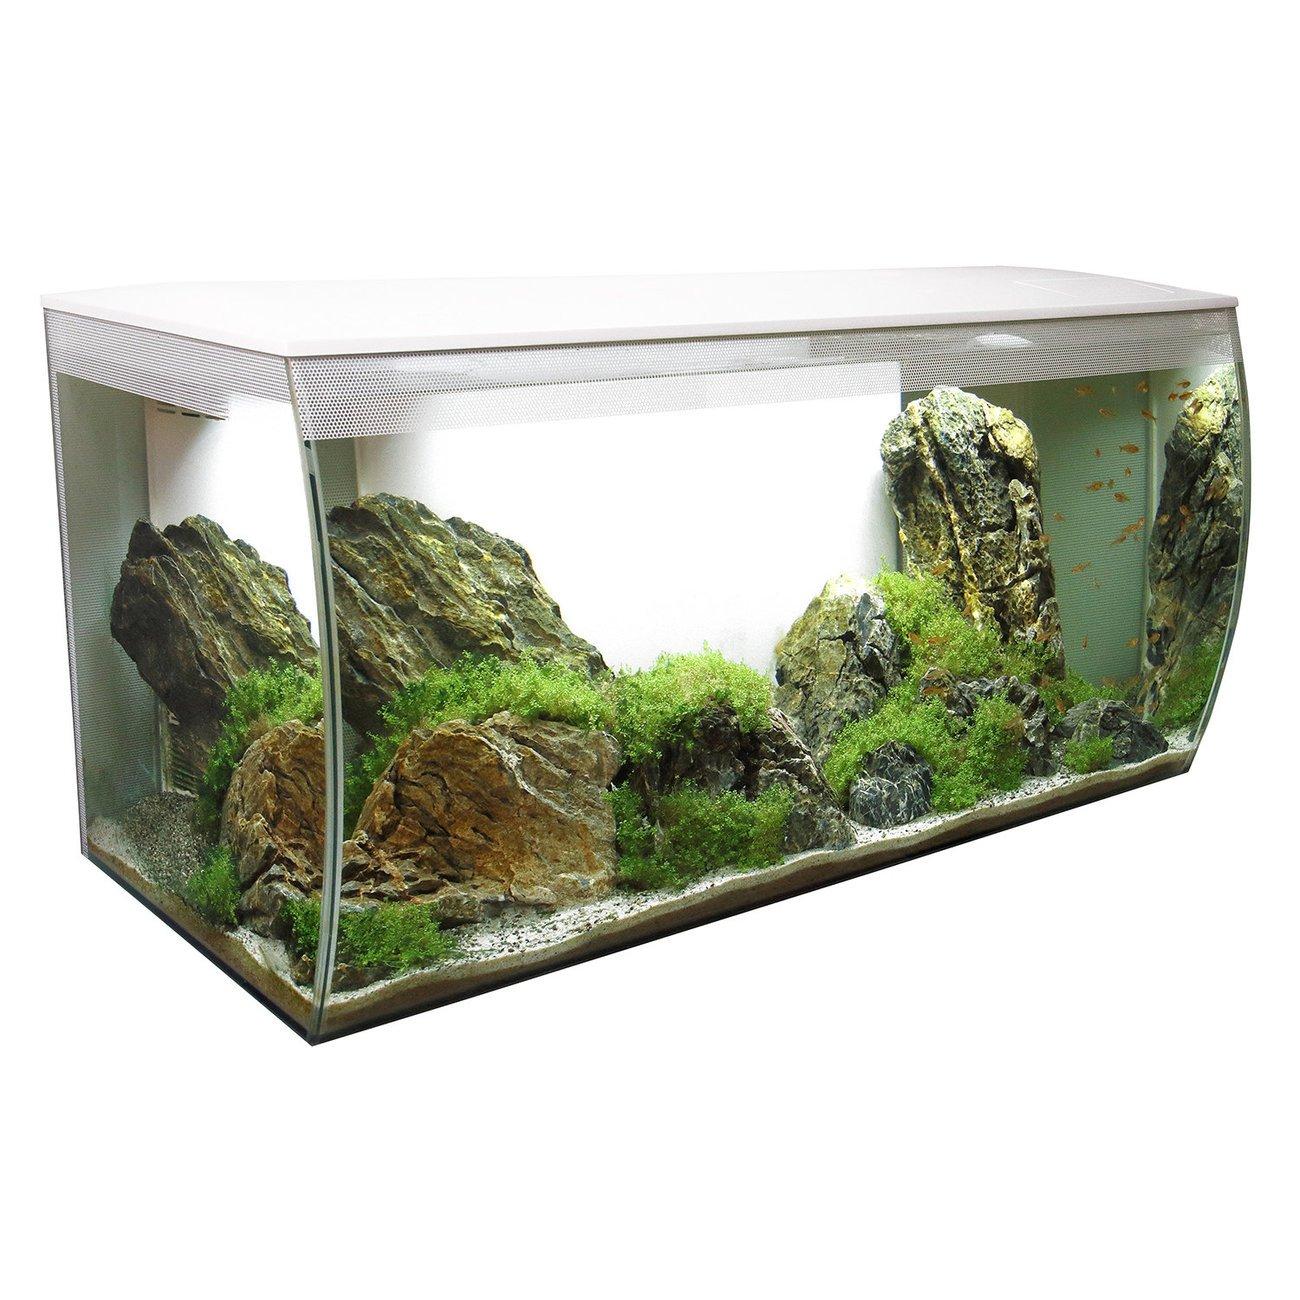 Hagen Fluval Flex 123 Liter Aquarium, weiß, 82 x 39 x 40 cm (B x H x T)